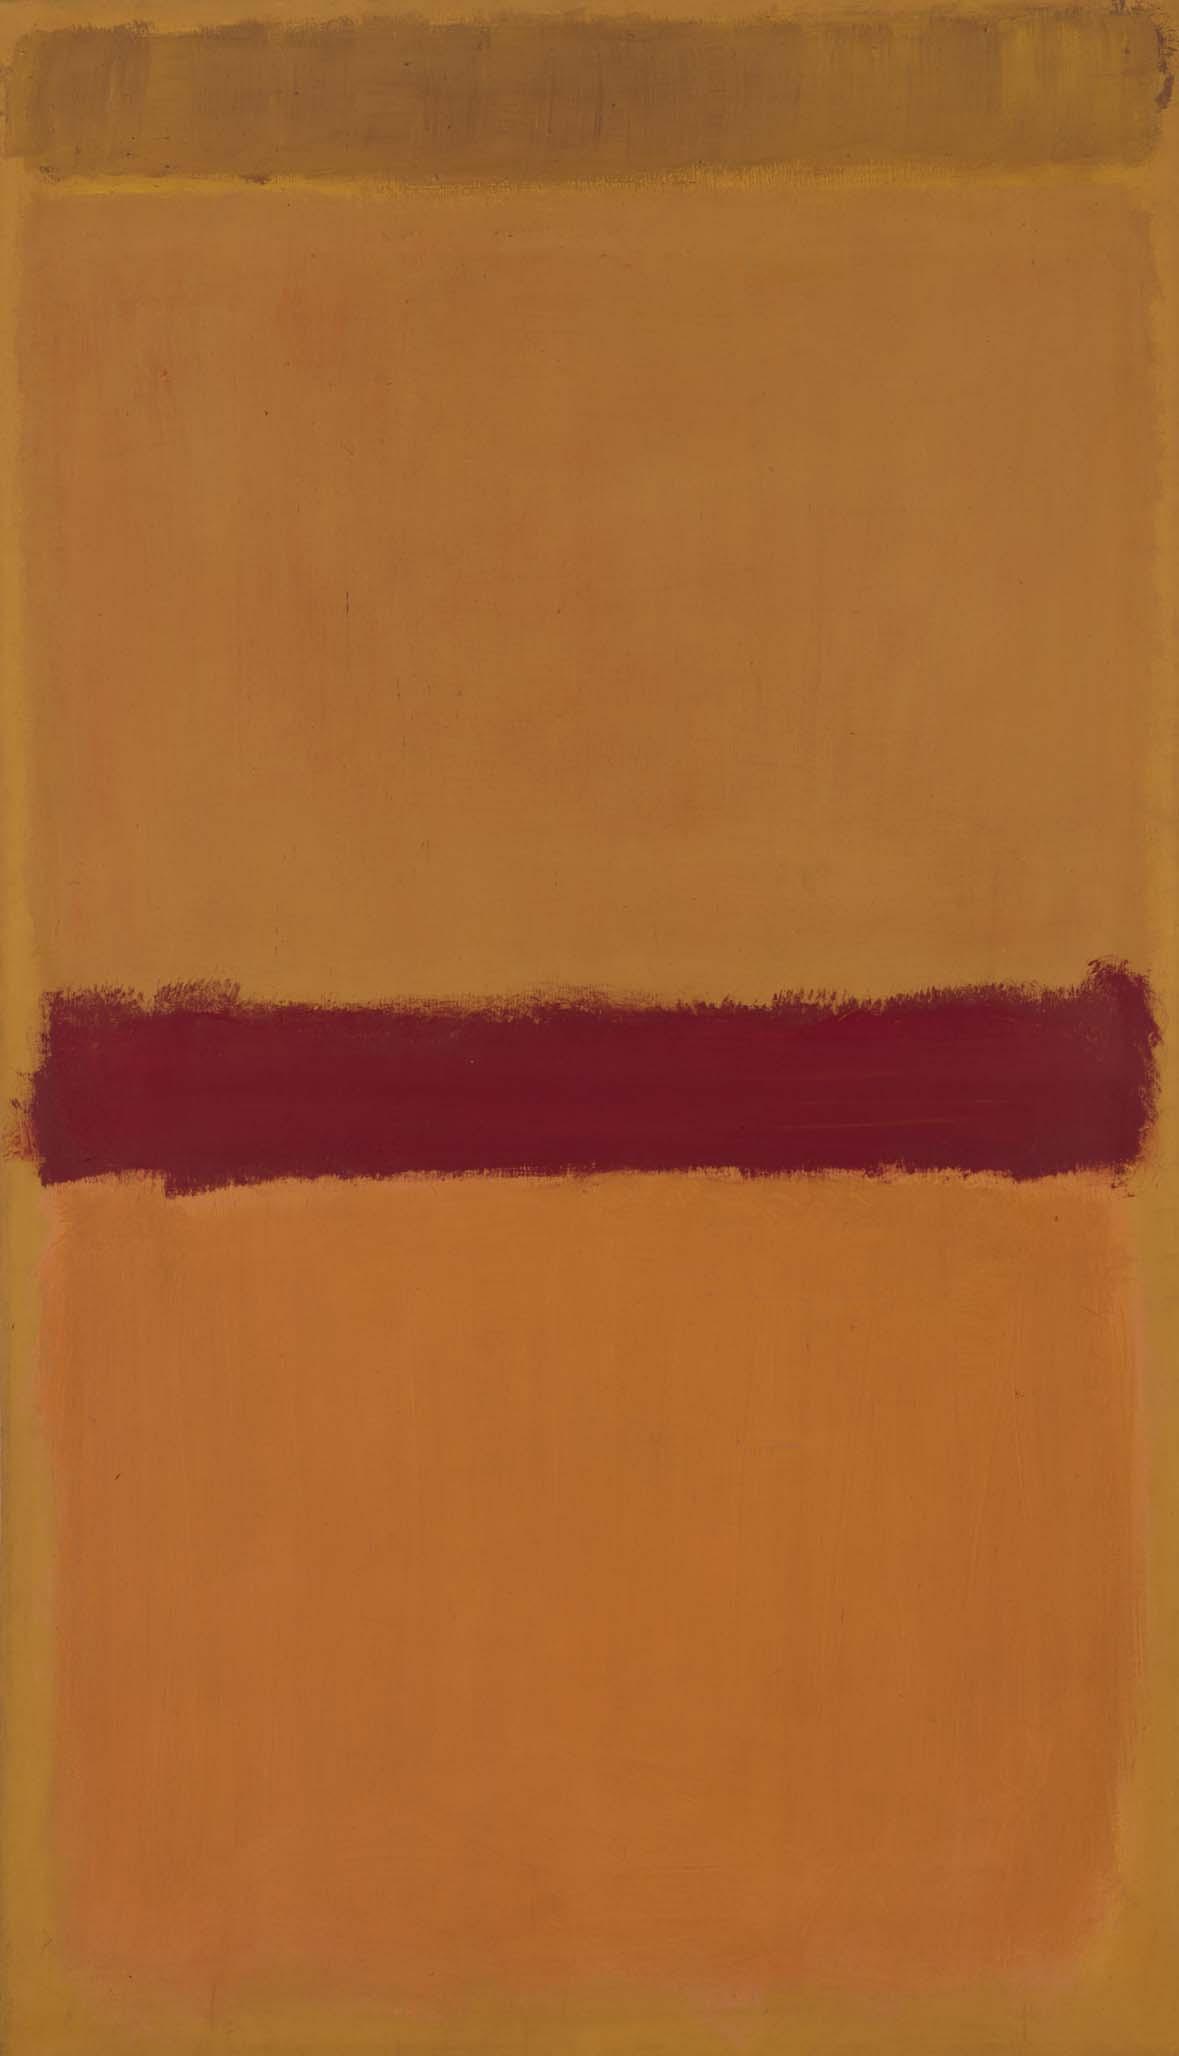 Mark Rothko  Untitled Orange Plum Yellow Sin ttulo